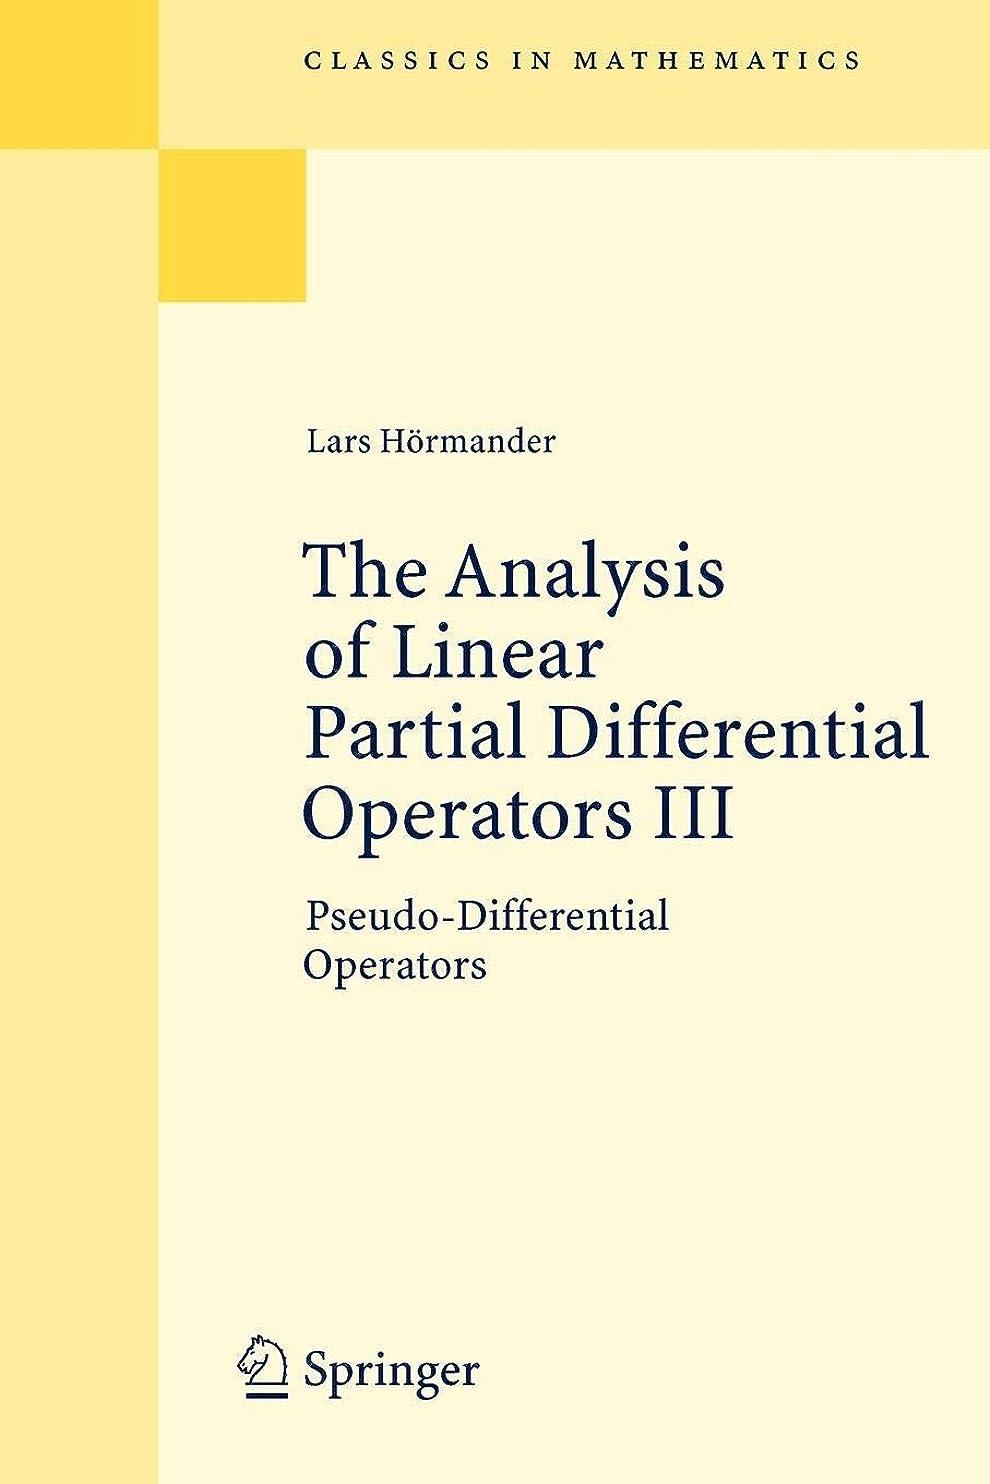 担当者頑丈削除するThe Analysis of Linear Partial Differential Operators III(Classics in Mathematics)